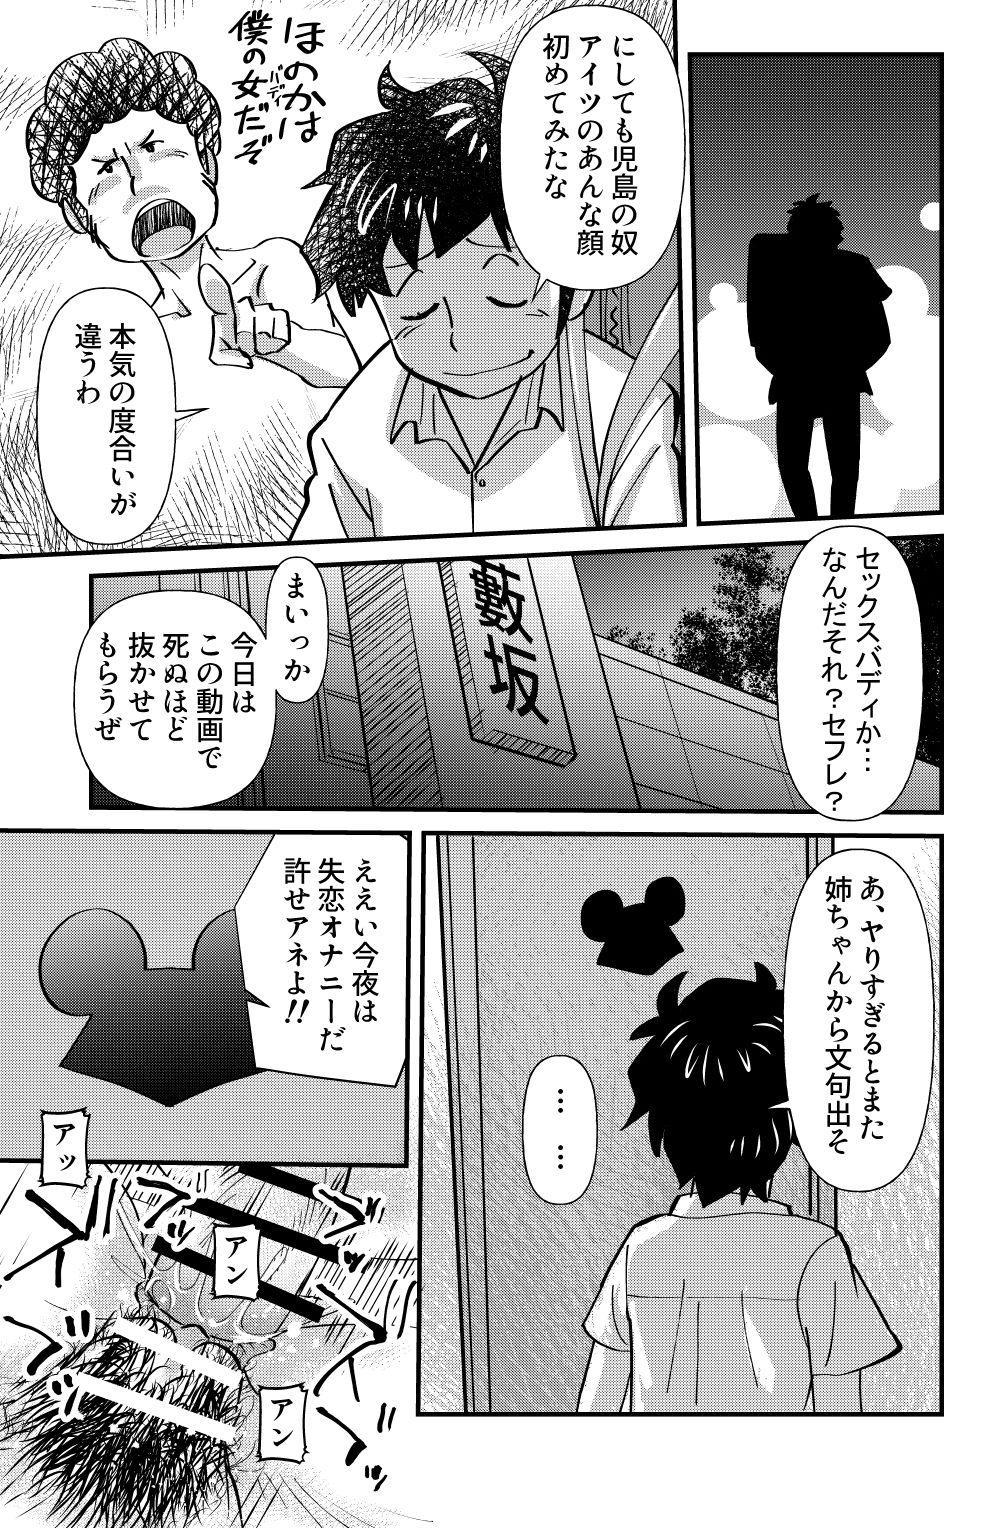 Otonashii-kei Joshi Mukai Honoka no Nichijou o Shitta Toki... 30